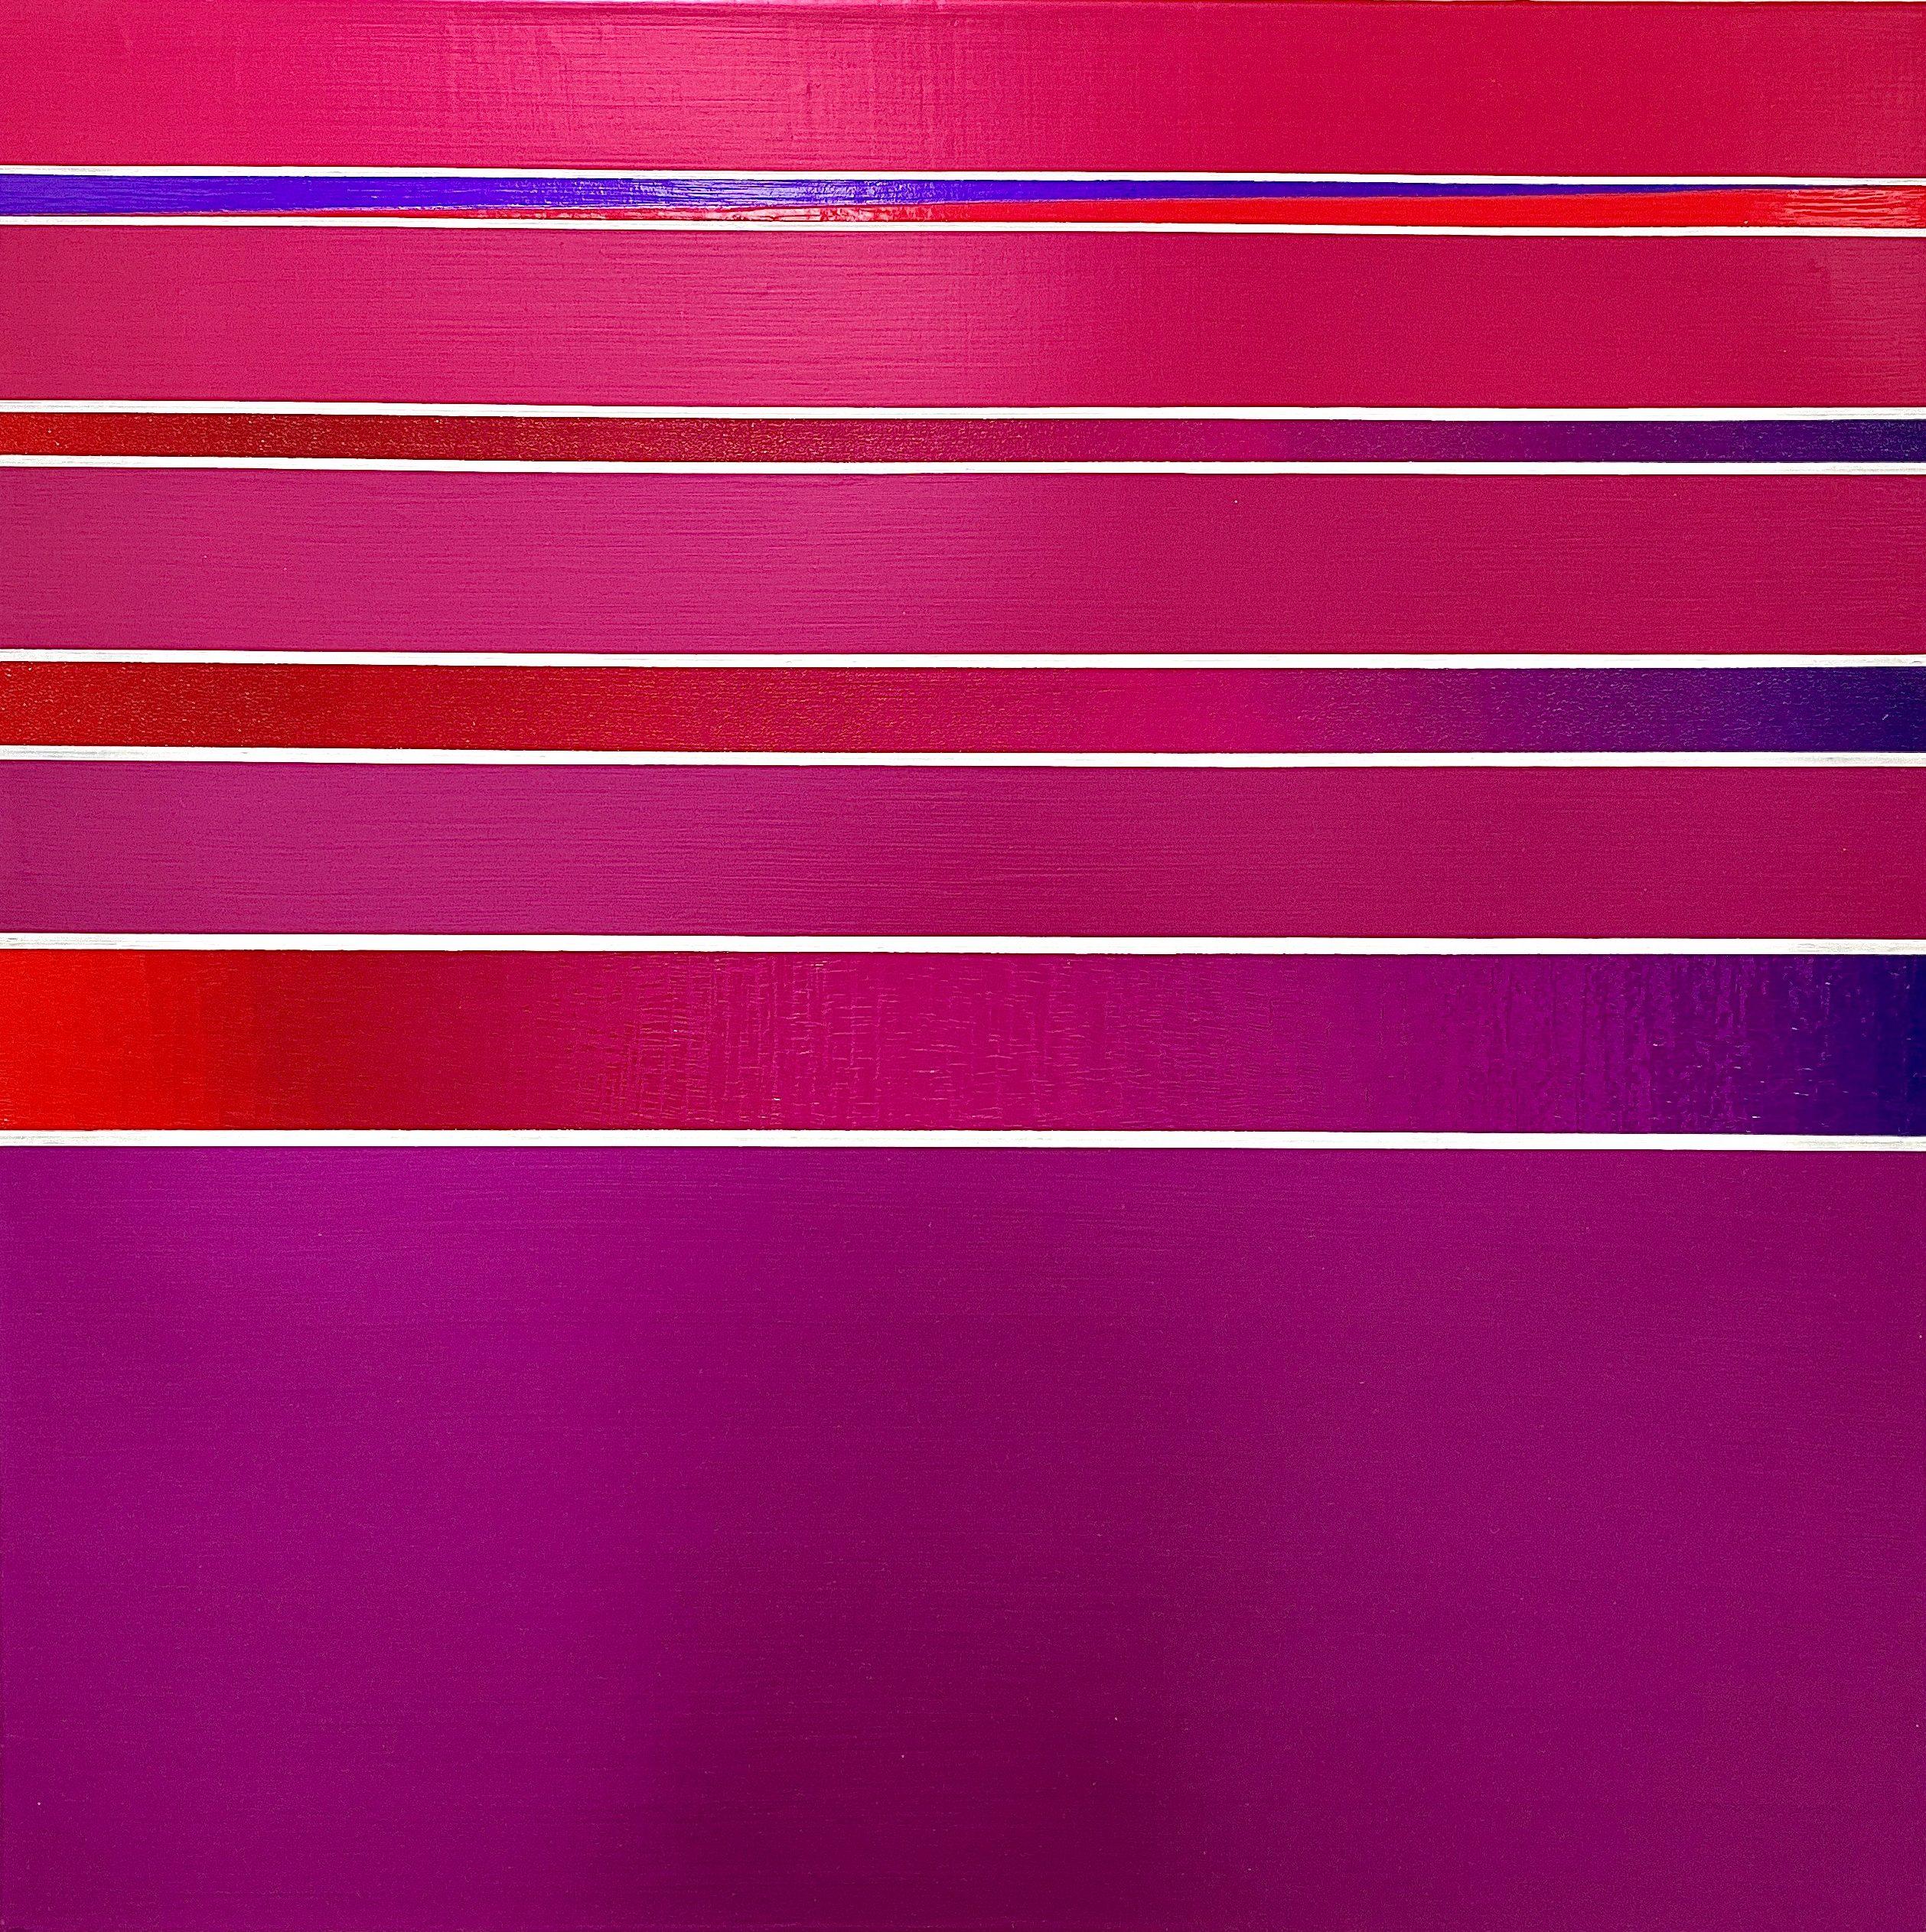 WAHRNEHMUNGSSTREIFEN 013 Canvas  70 x 70 x 2 cm  Acrylic Oil on canvas